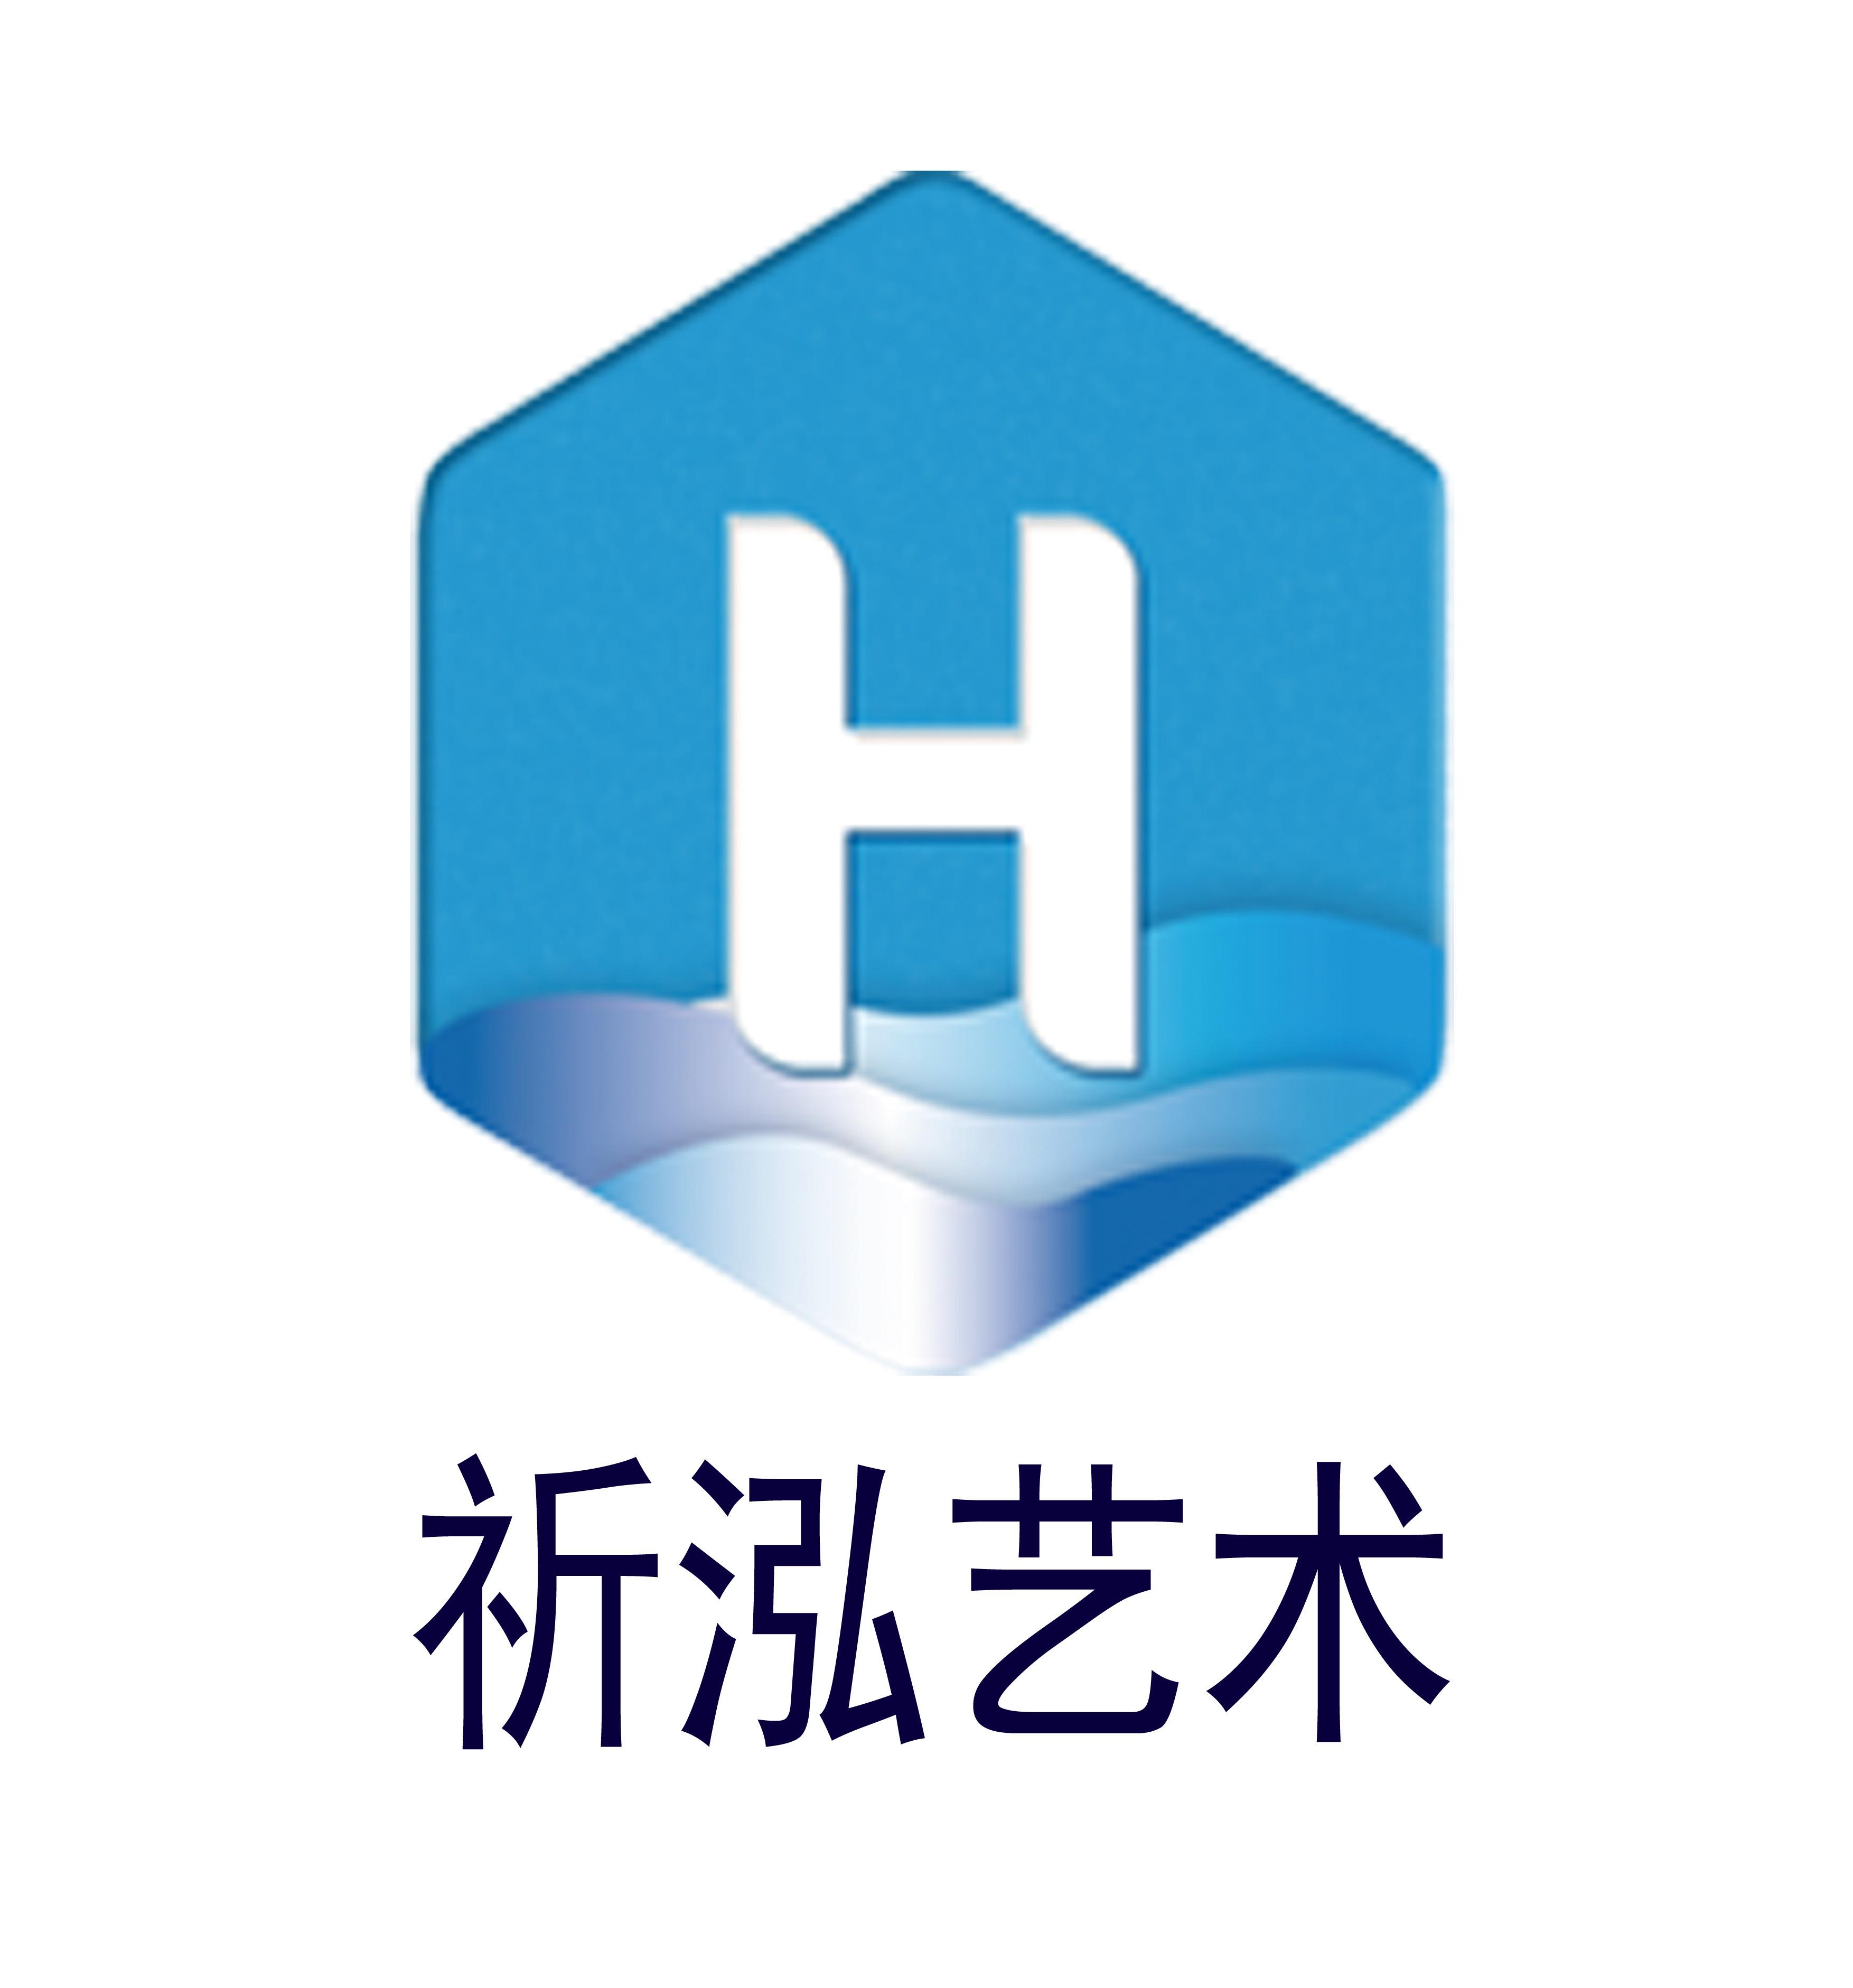 logo logo 标志 设计 矢量 矢量图 素材 图标 3508_3763